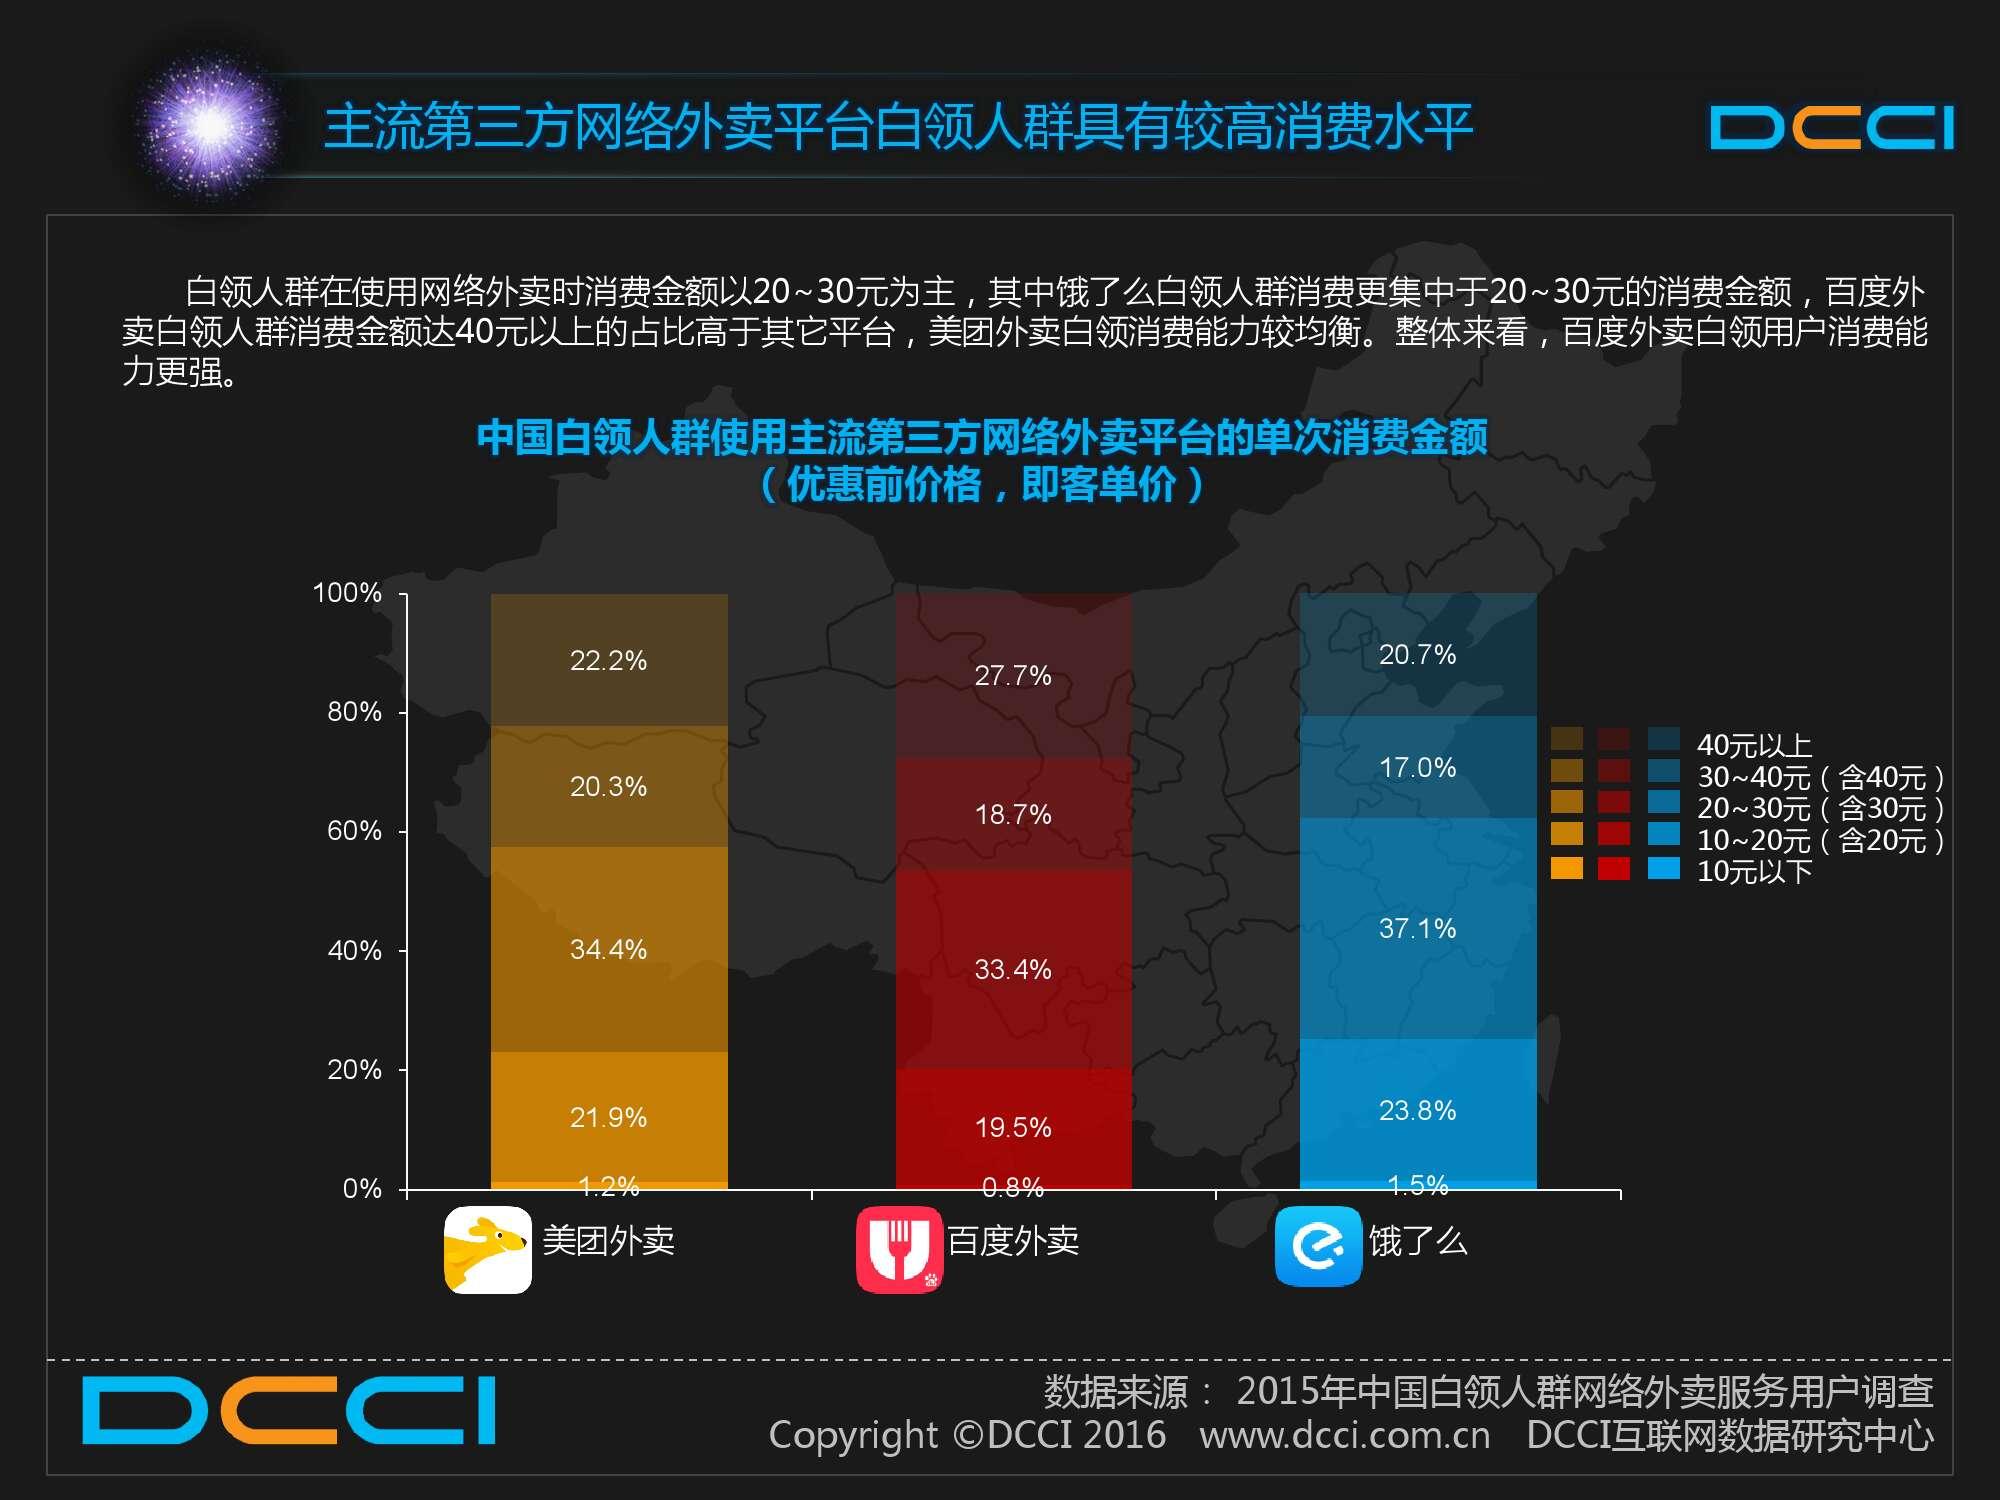 2015中国白领人群网络外卖服务研究报告_000025